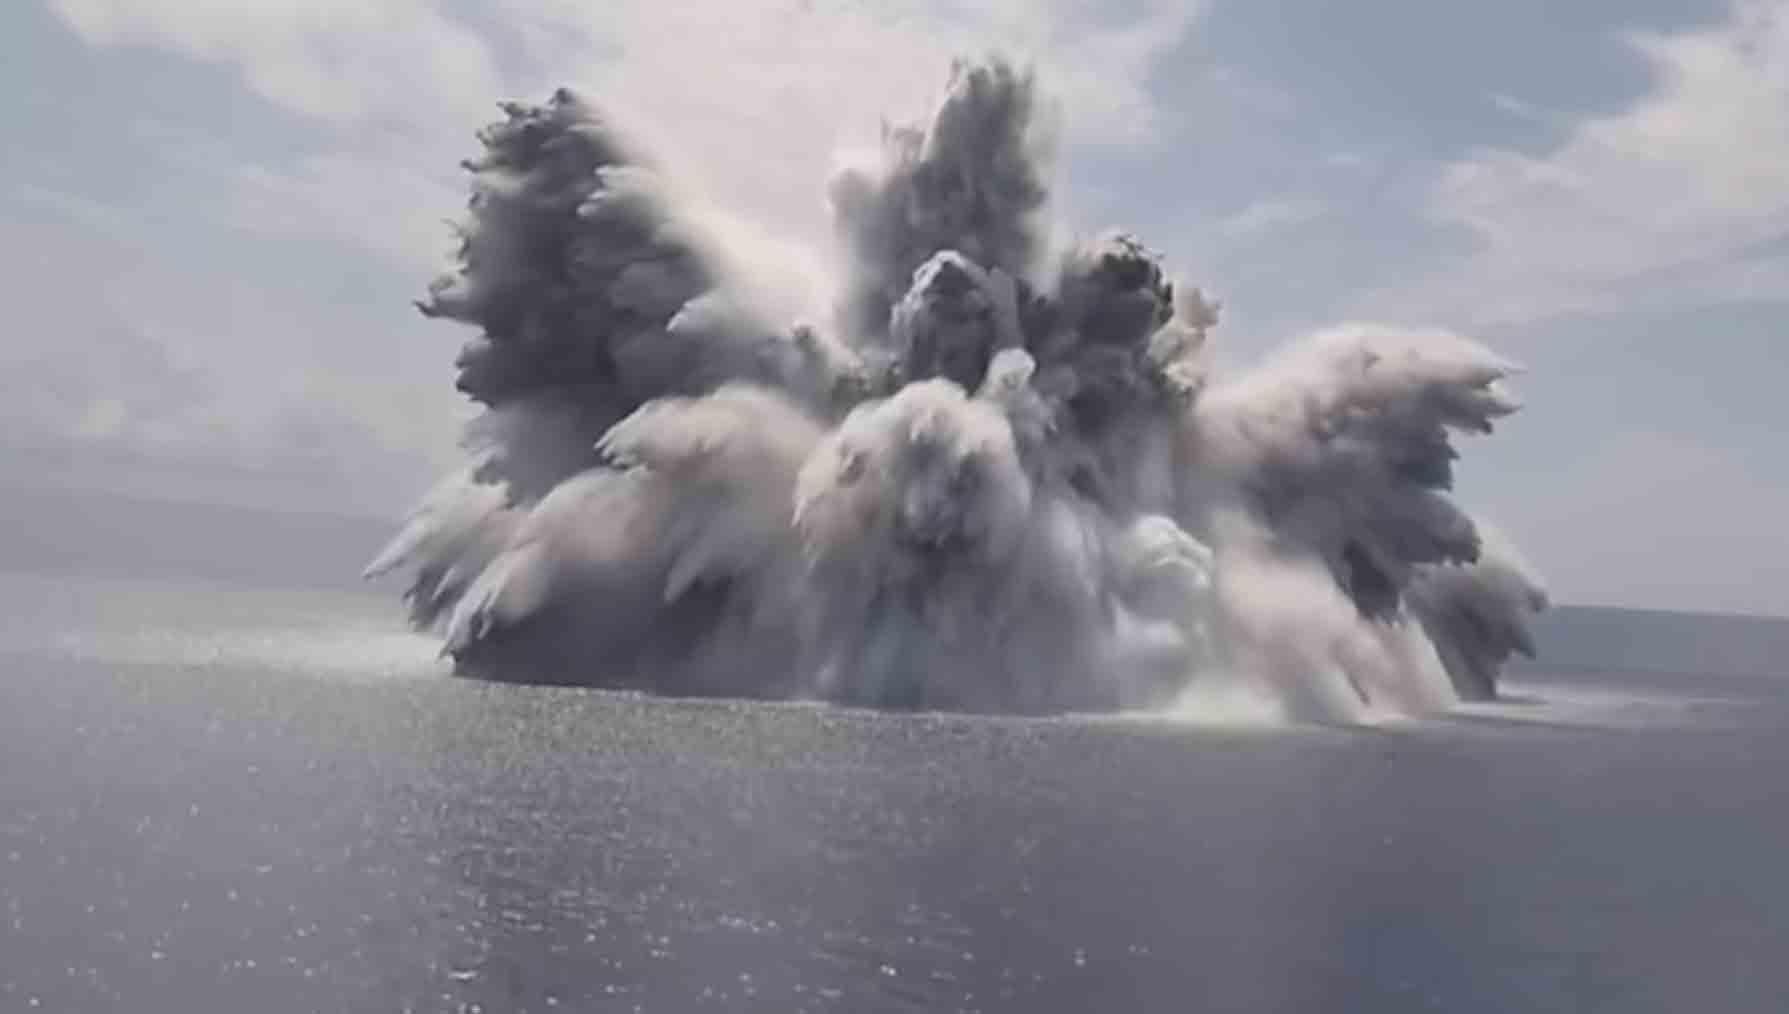 Vídeo: O mais novo porta-aviões dos EUA passa por testes de explosivos na costa da Flórida. Foto: Reprodução Youtube